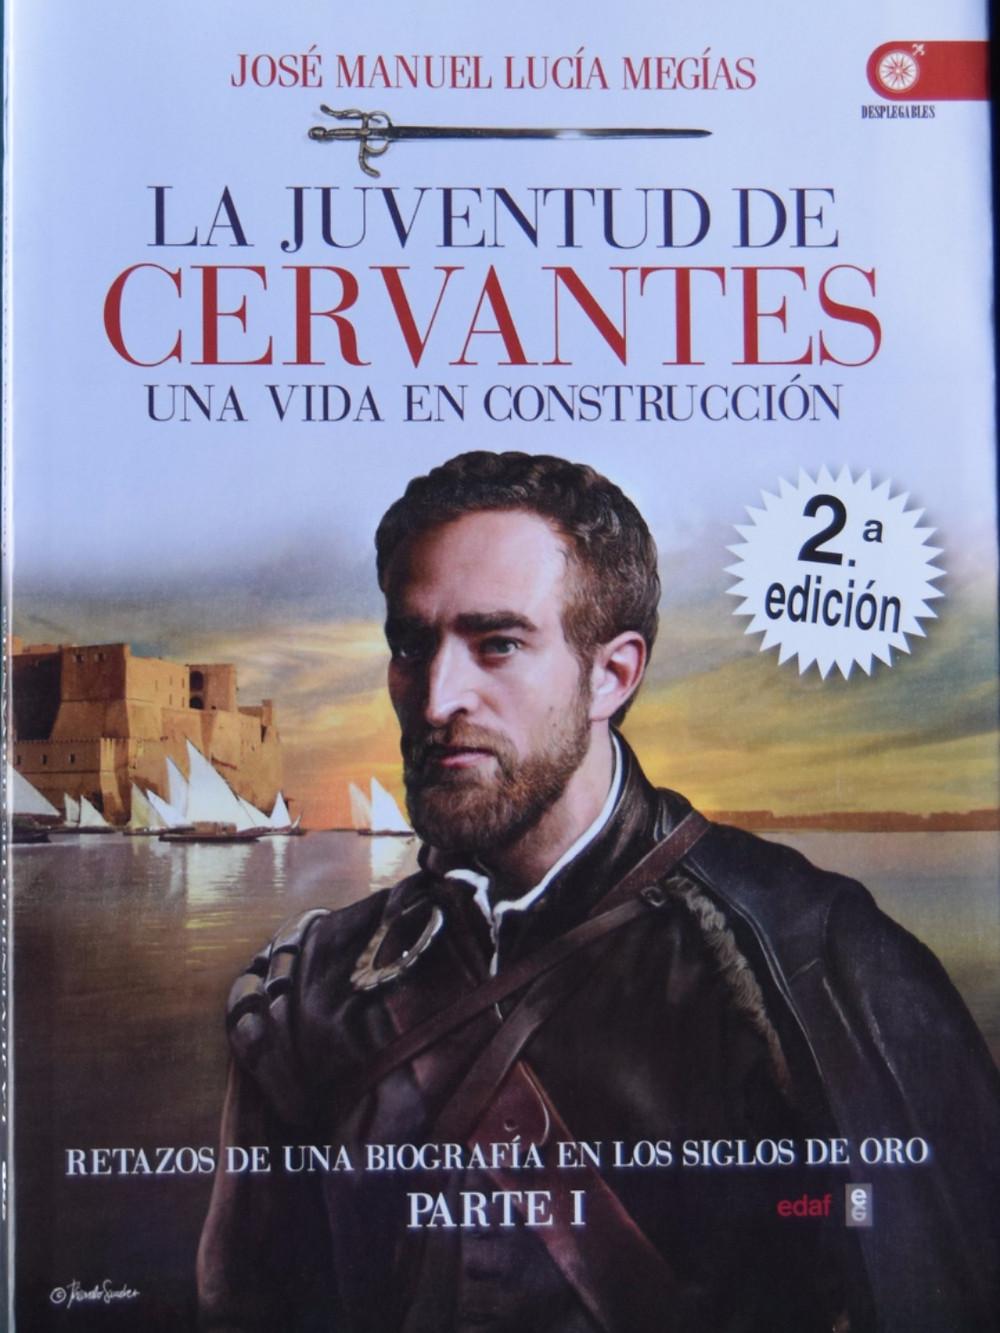 La juventud de Cervantes. Una vida en construcción. José Manuel Lucía Megías. Parte I.